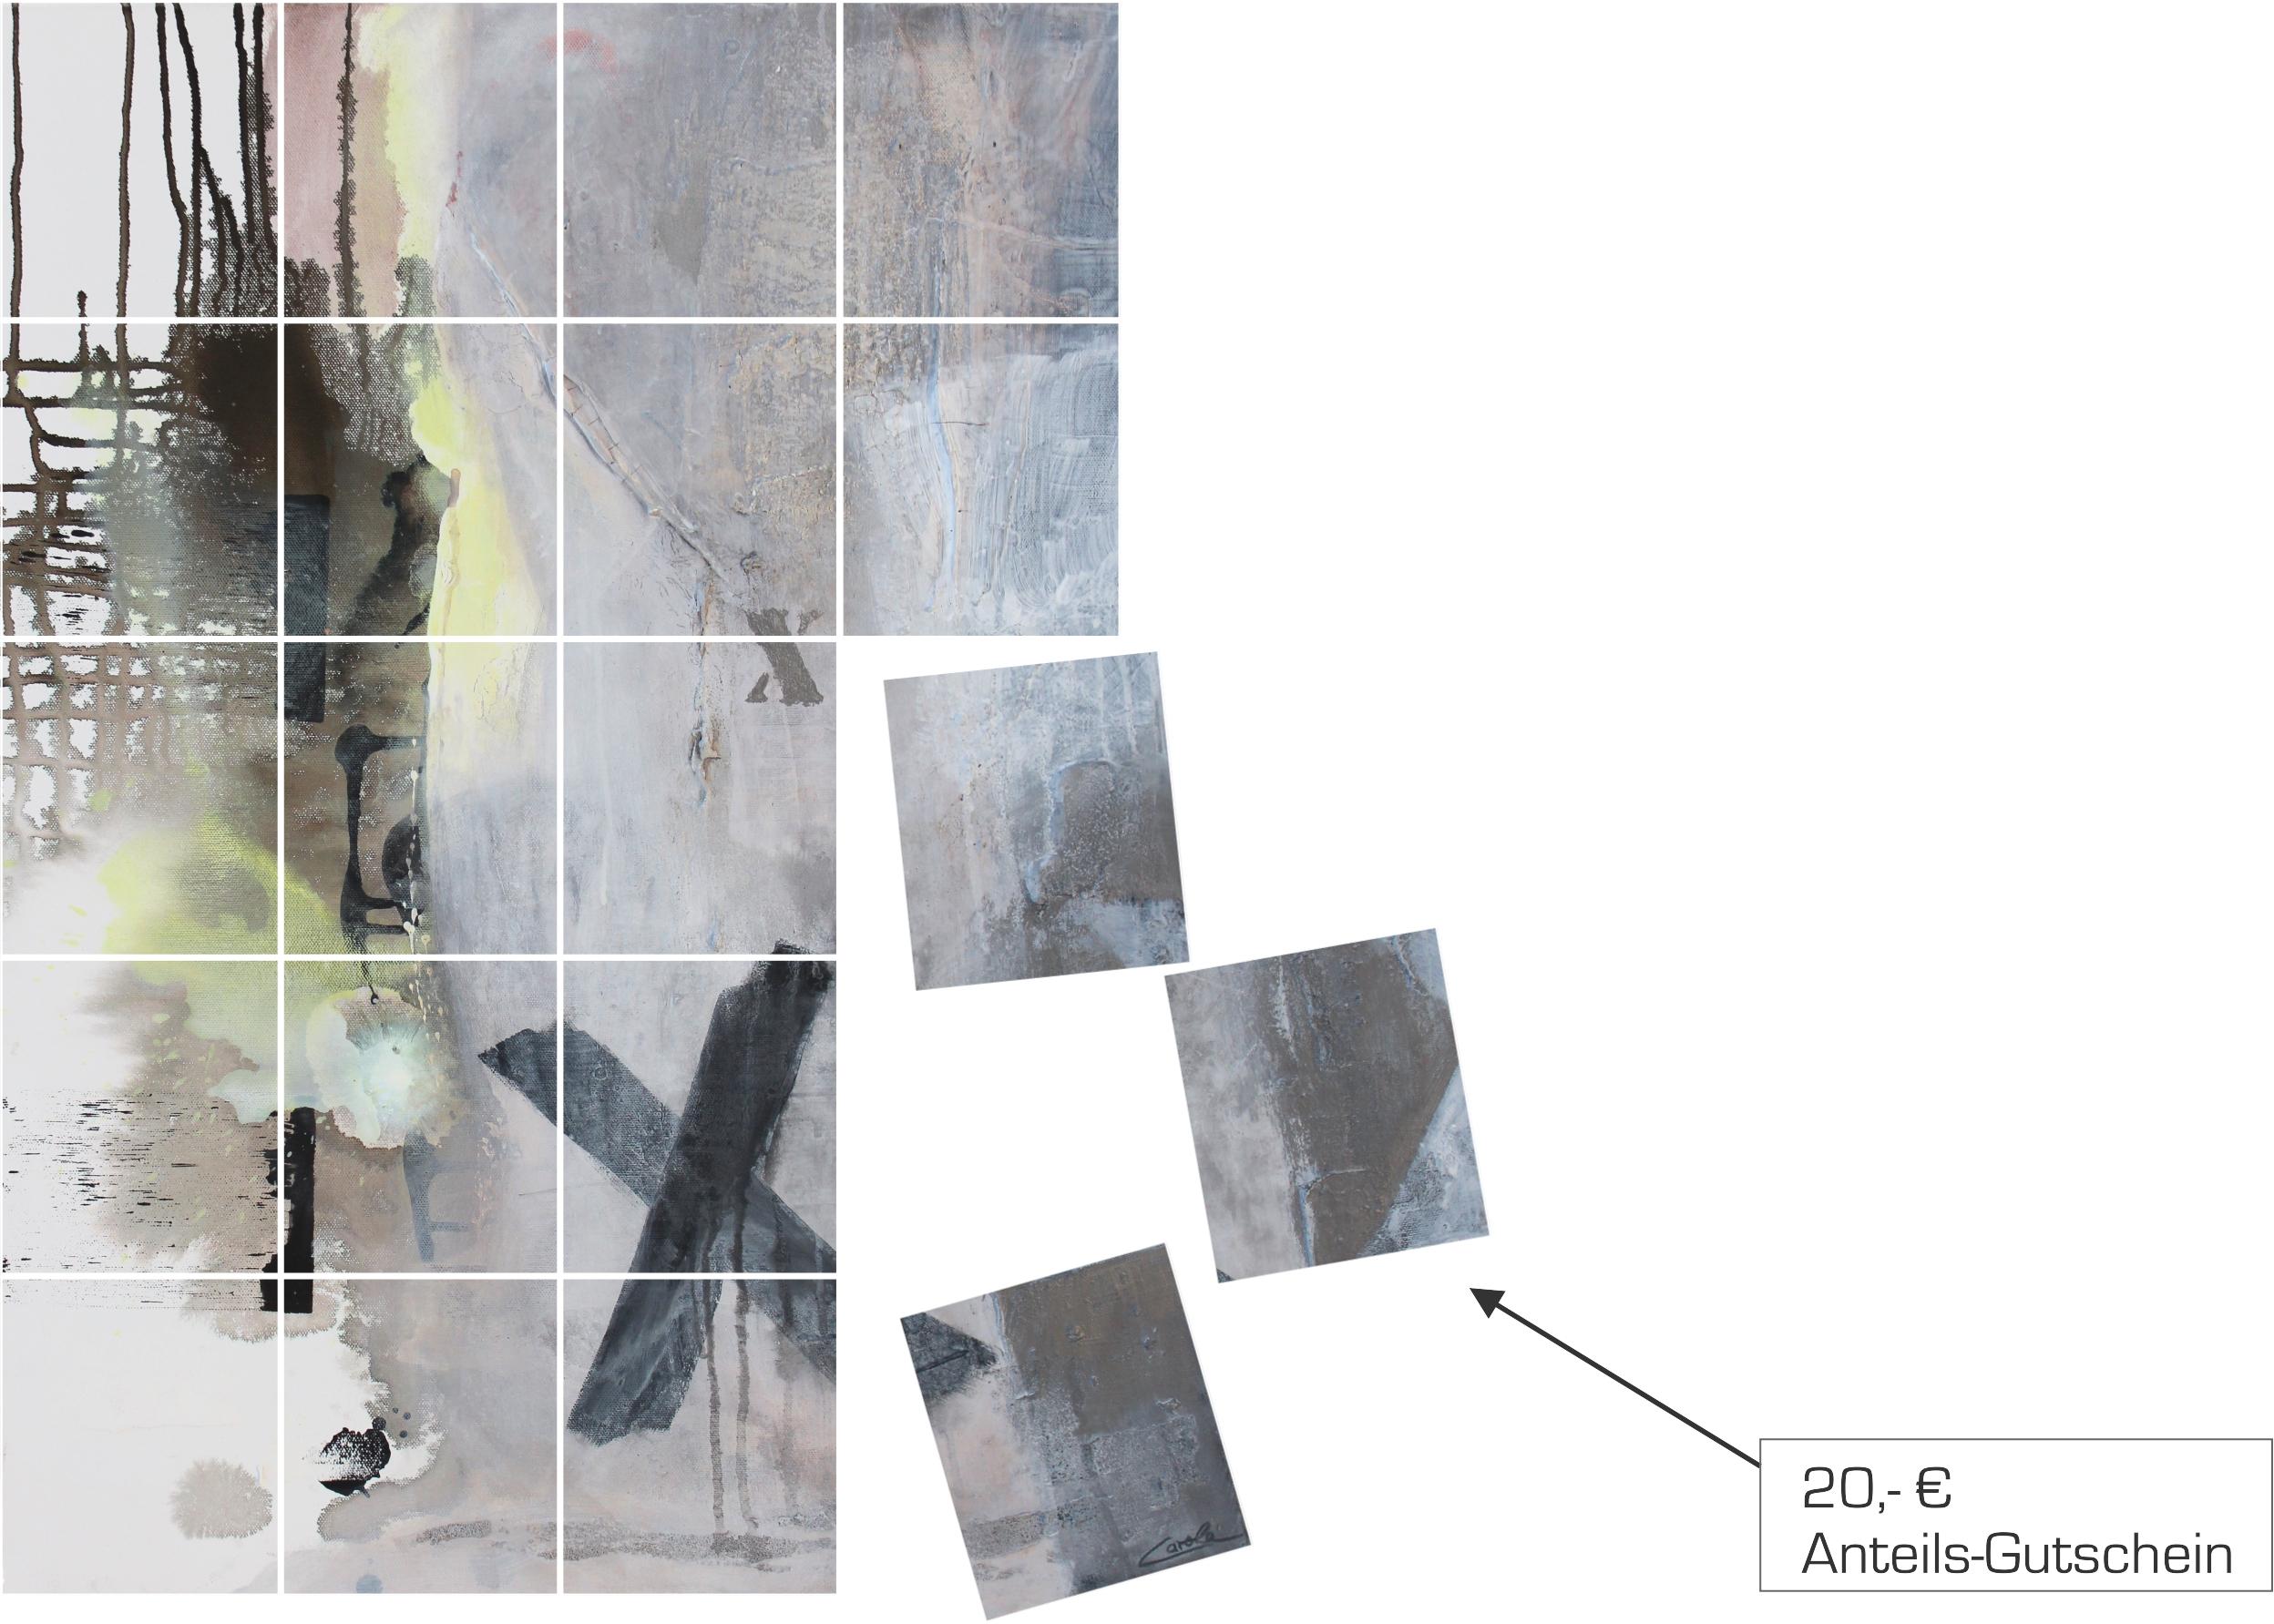 Bilder-Anteils-Gutschein | Carola X Matthes